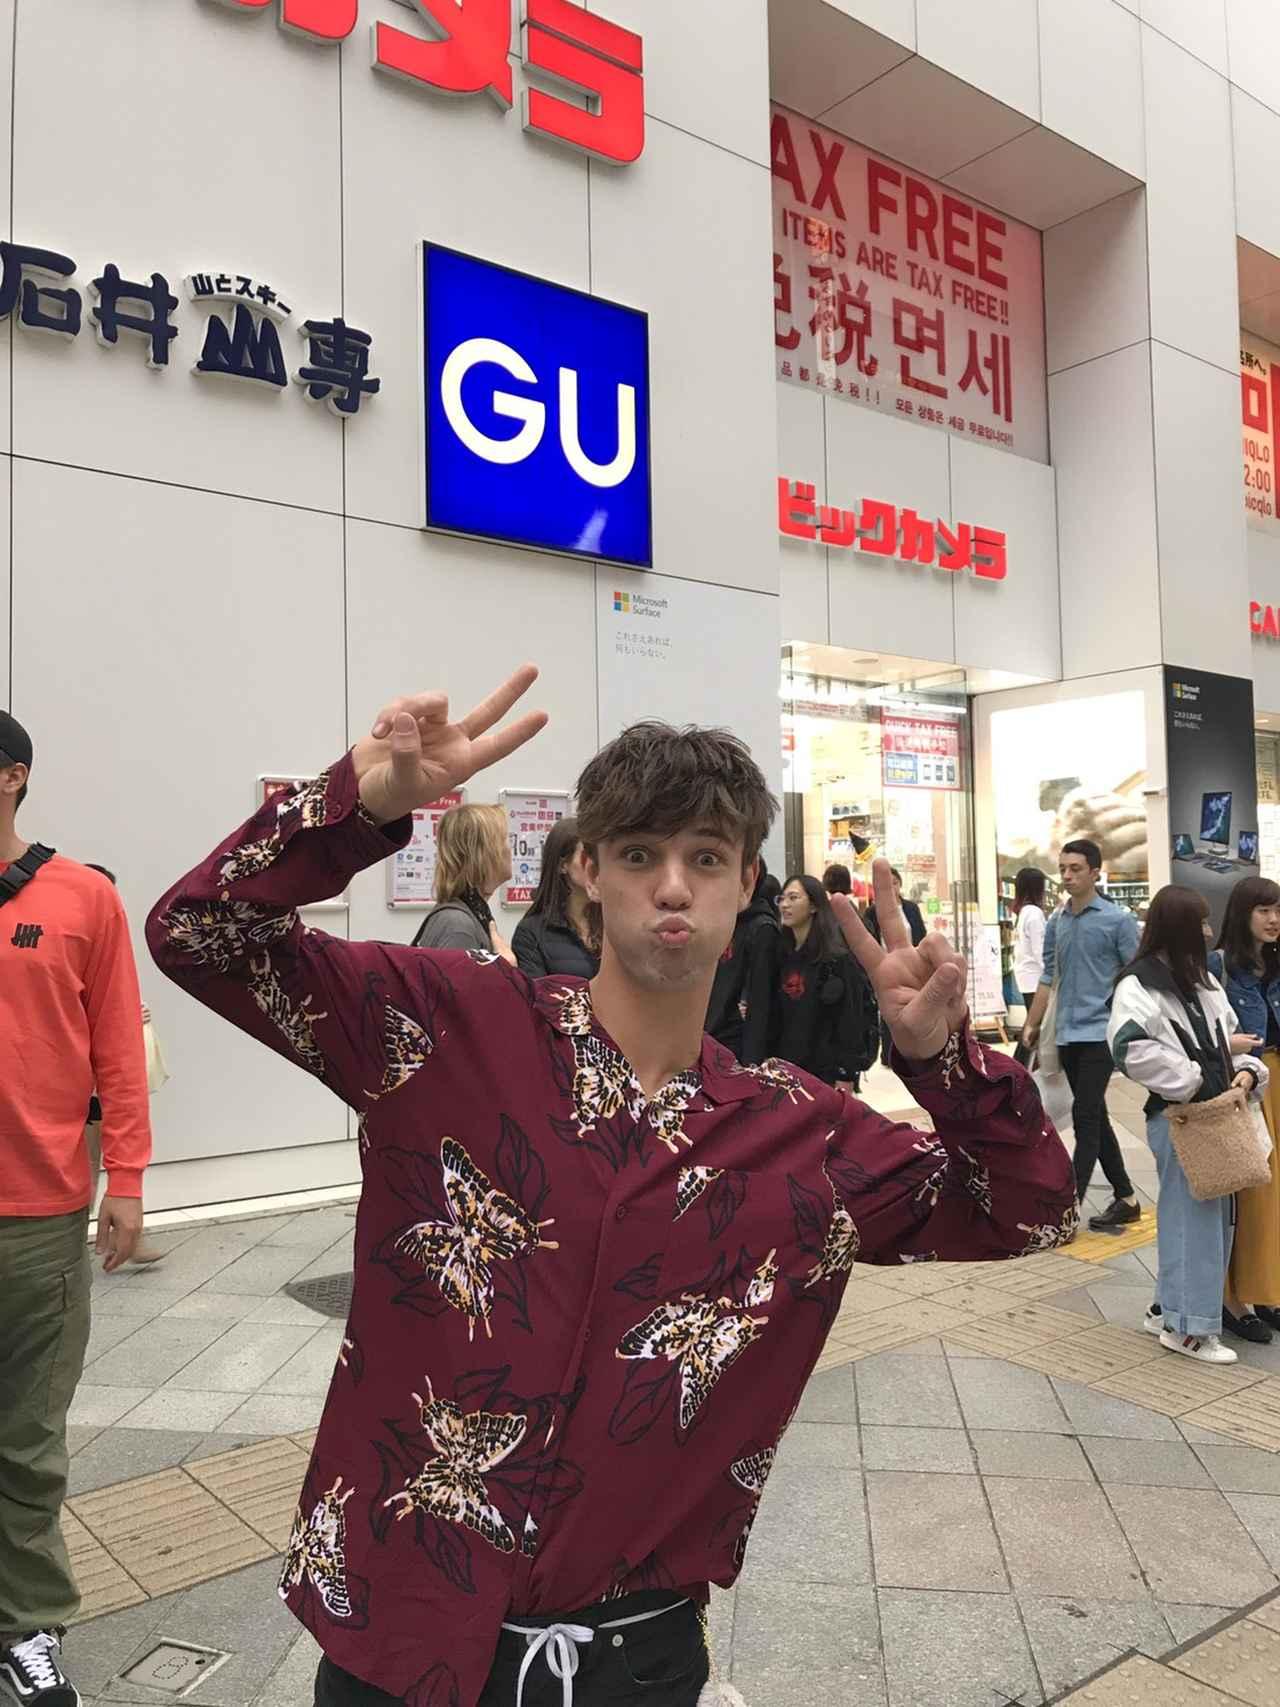 画像1: キャメロンがGUでお買い物